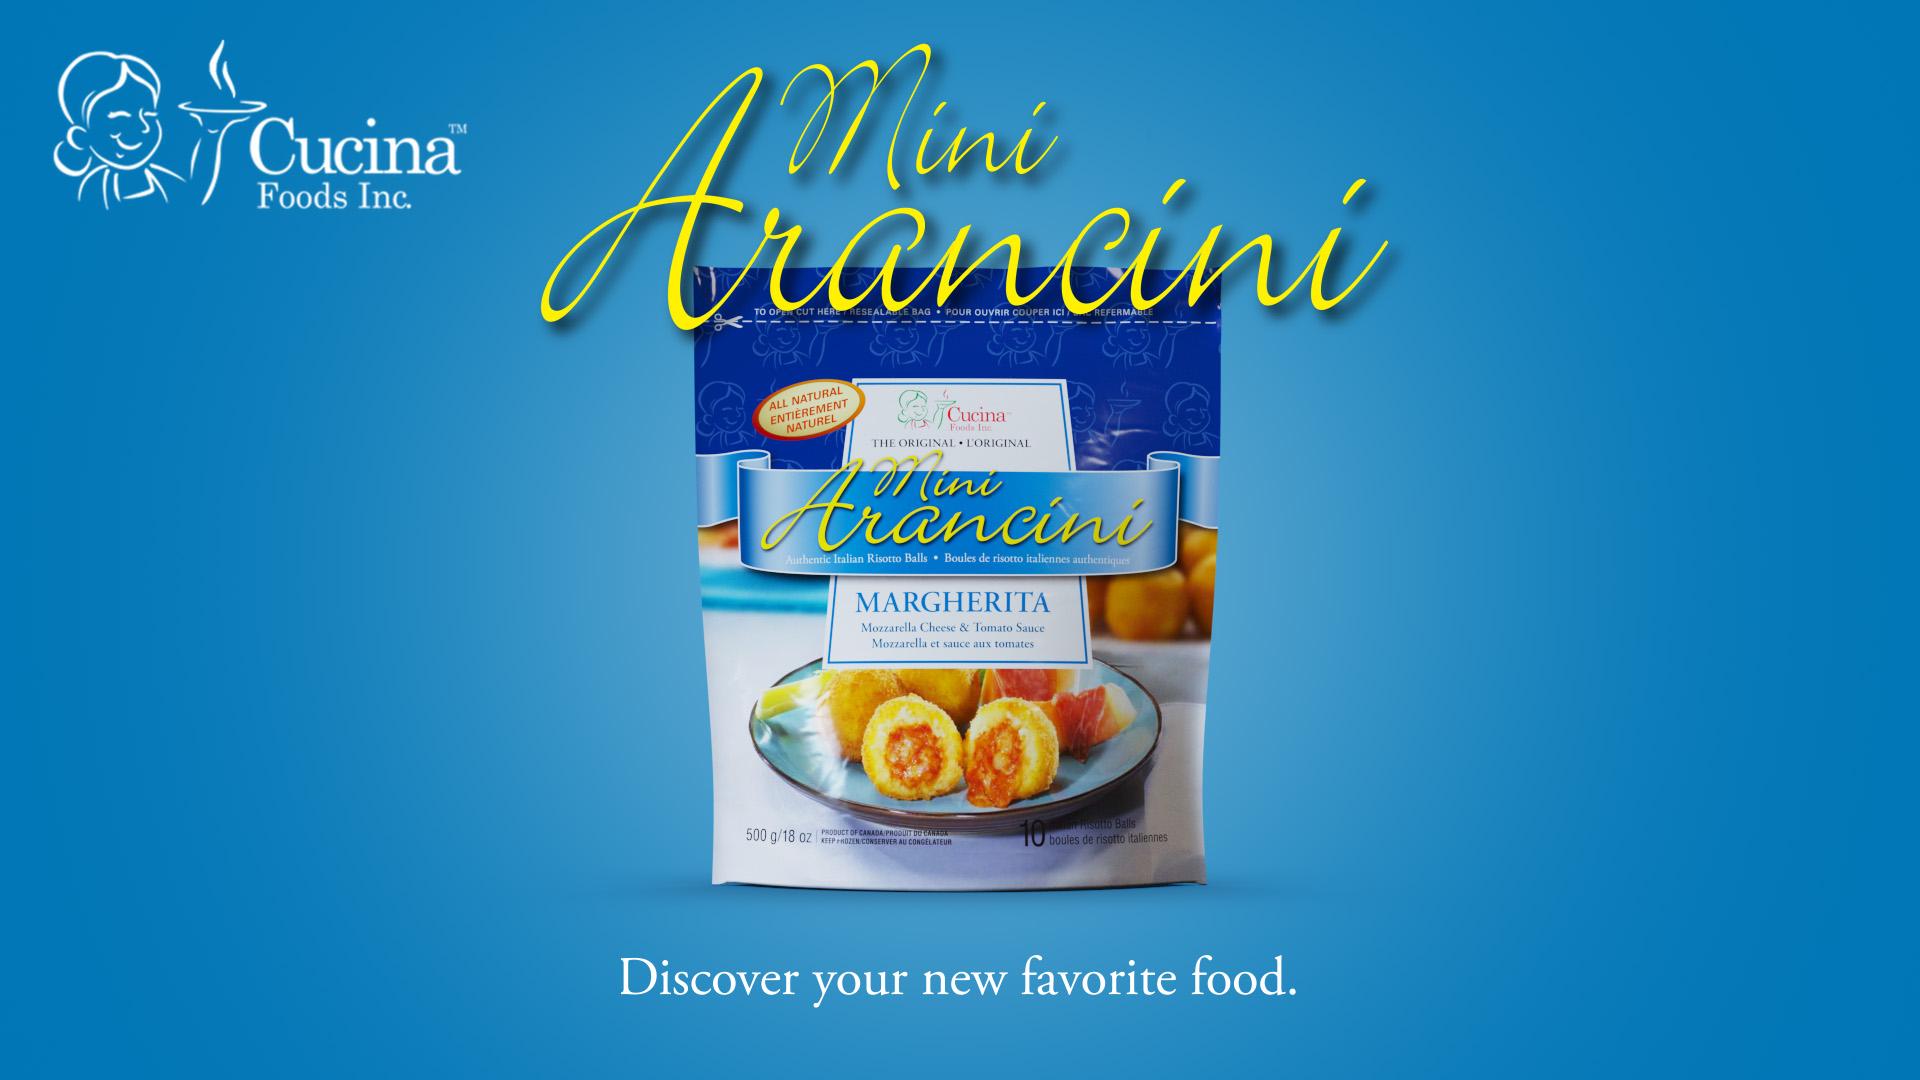 cucinafoods_miniarancini_image03